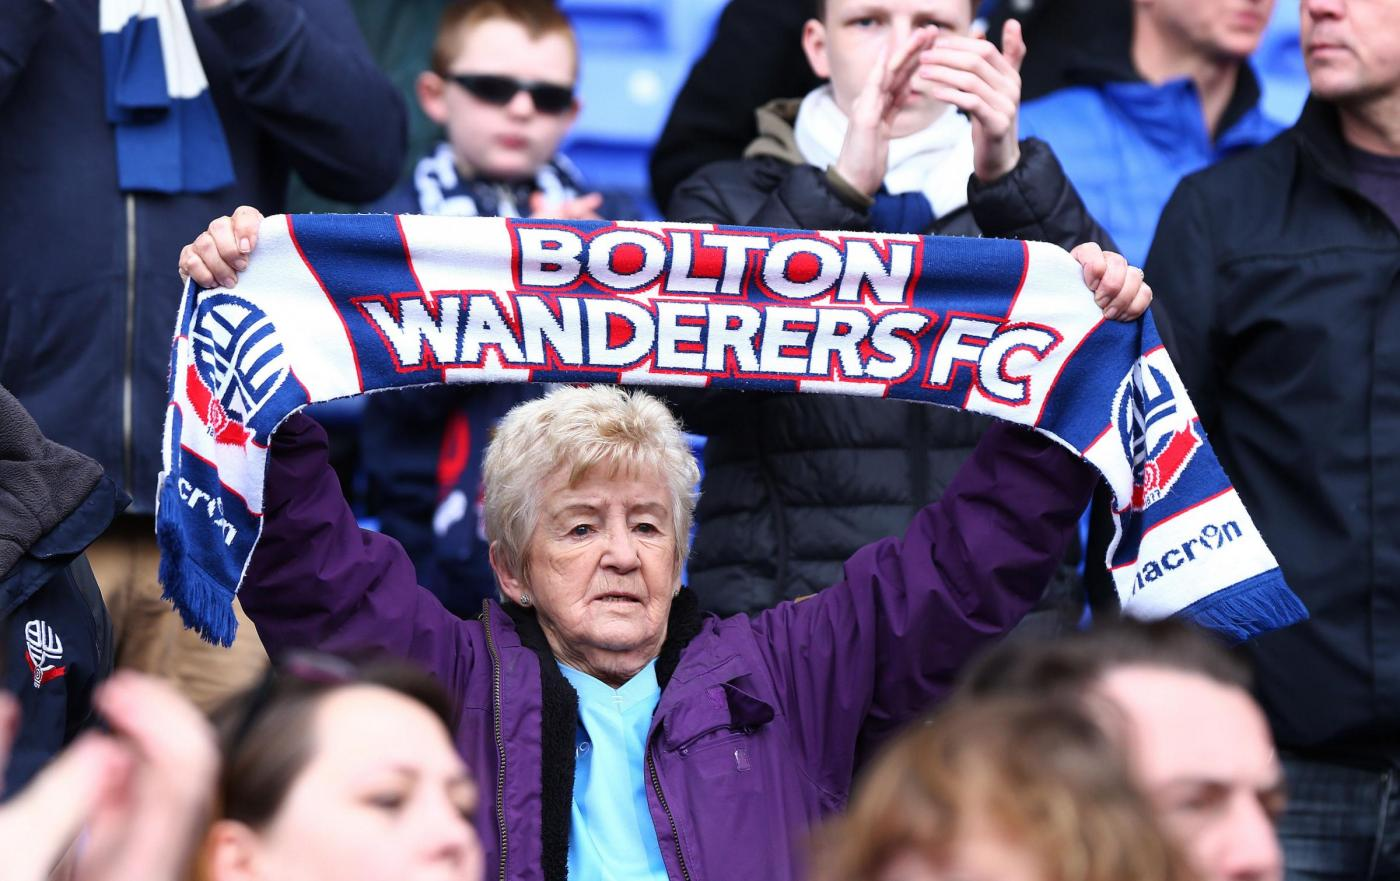 Bristol City-Bolton 25 gennaio: match valido per i 16 esimi di finale della coppa nazionale inglese. Si affrontano 2 club di Championship.